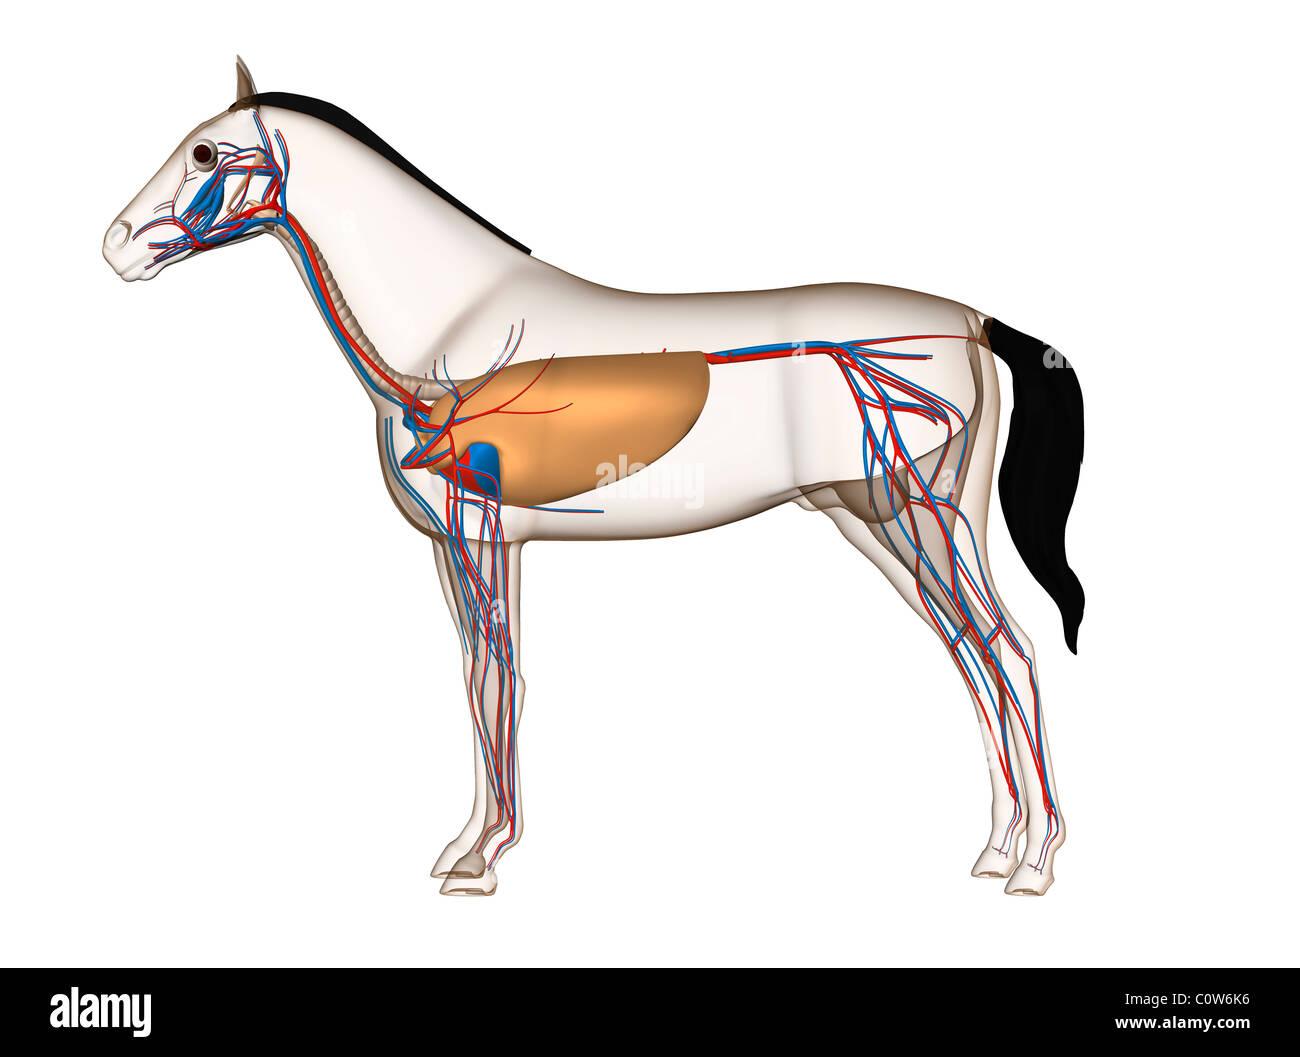 Pferd Anatomie Herz Kreislauf Atemwege Lunge Stockfoto, Bild ...